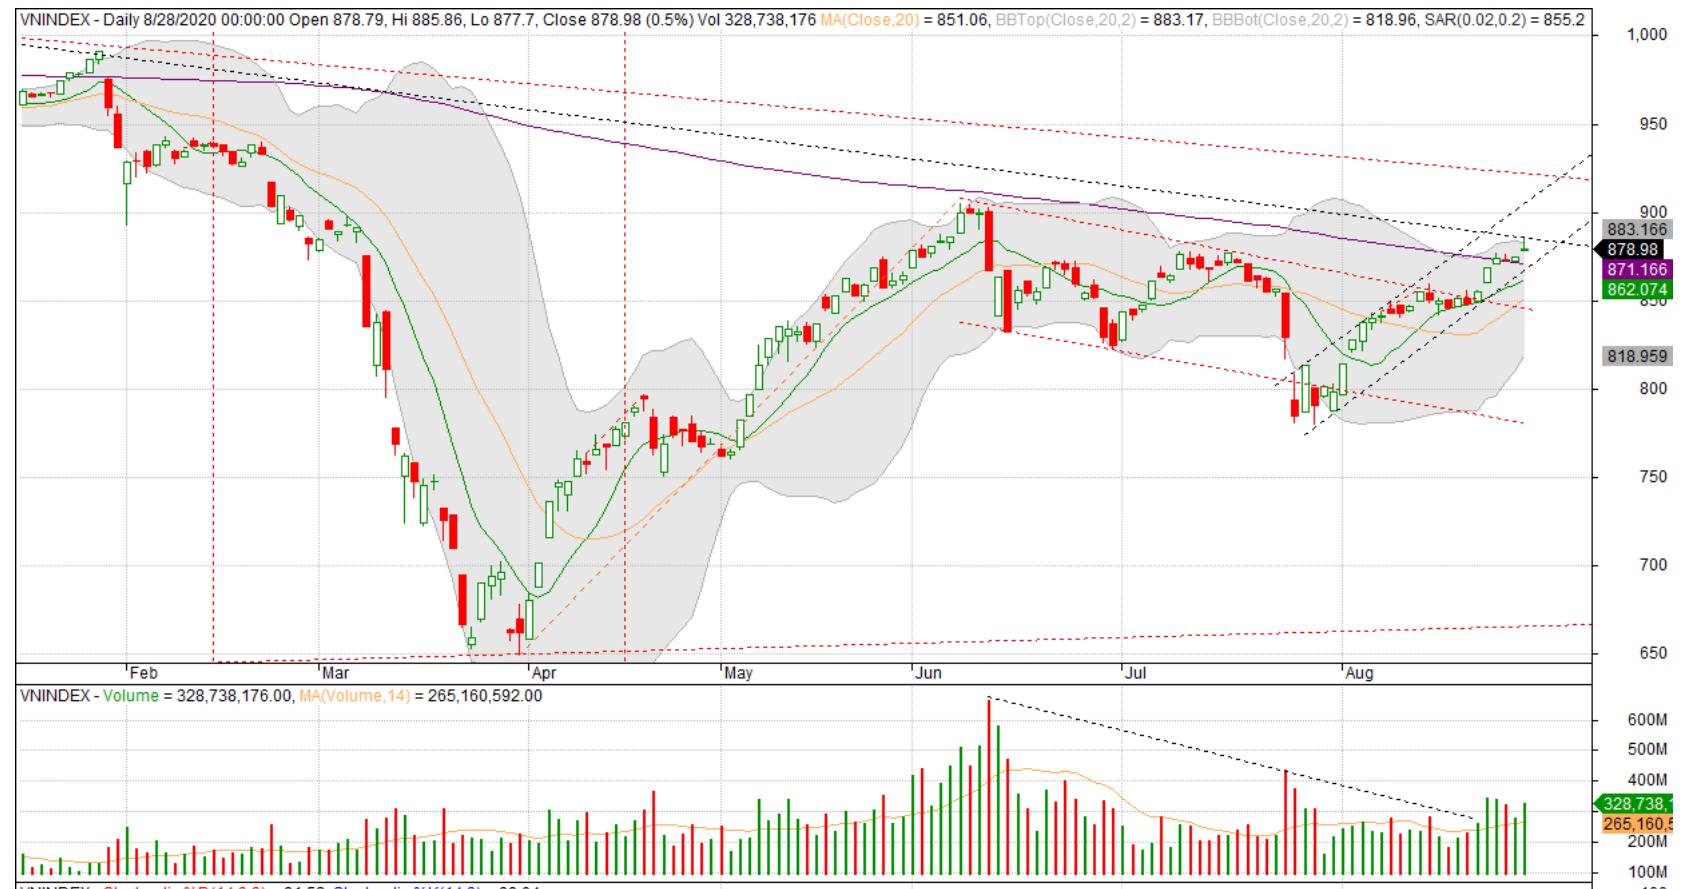 Nhận định thị trường chứng khoán tuần 31/8 - 4/9: Hướng đến vùng 900 điểm xen lẫn nhịp điều chỉnh - Ảnh 1.